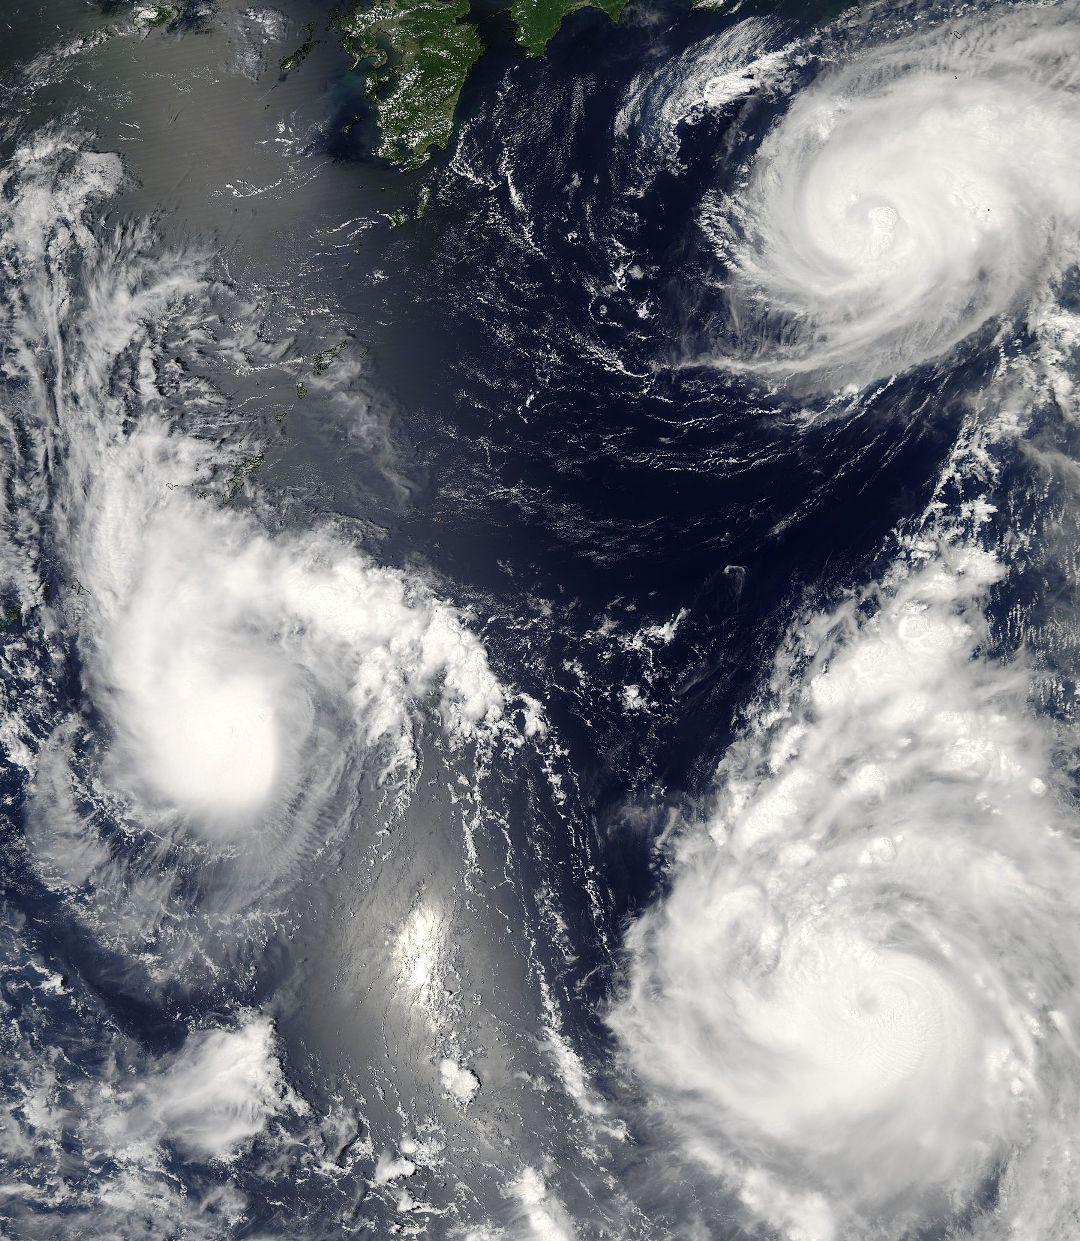 宇宙から同時に捉えられた太平洋上の3つの台風_d0063814_103819100.jpg